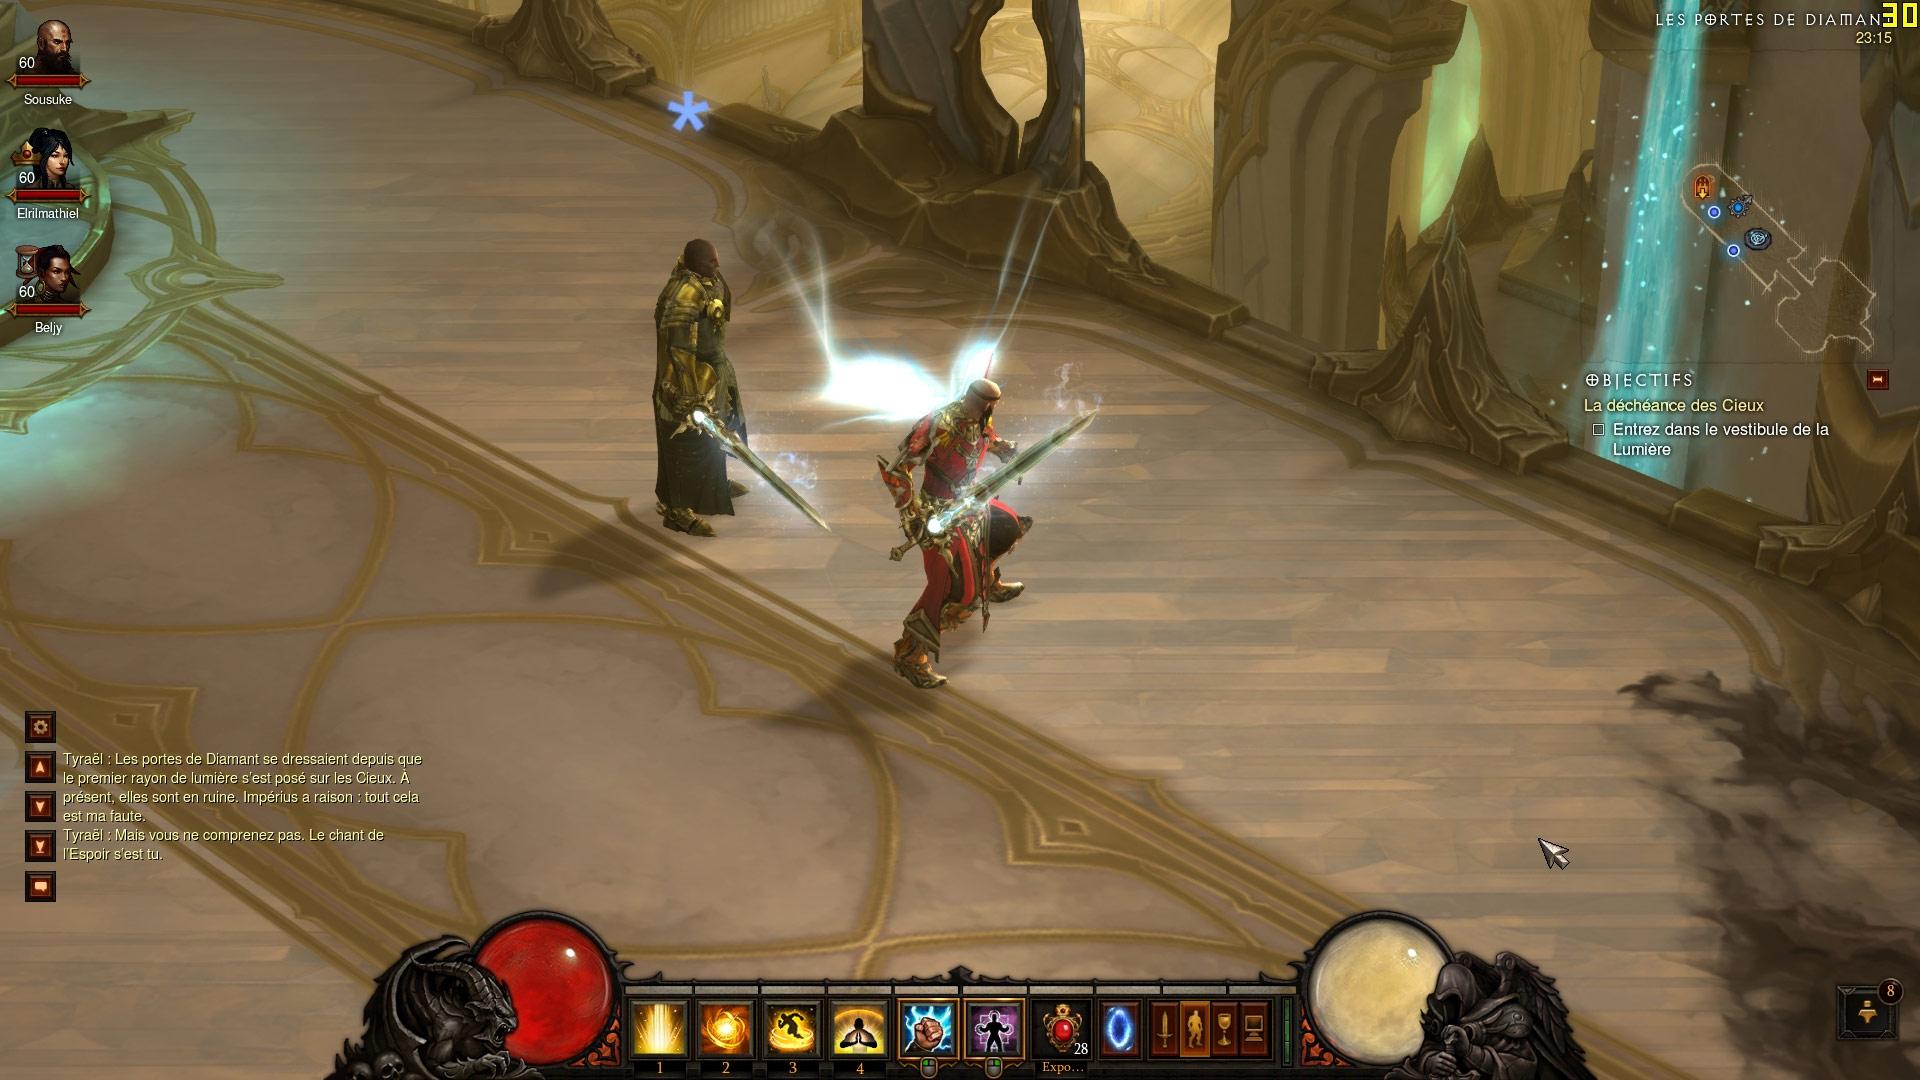 Une épée ressemblant à celle de Tyraël ! Screenshot réalisé par Søusuke.